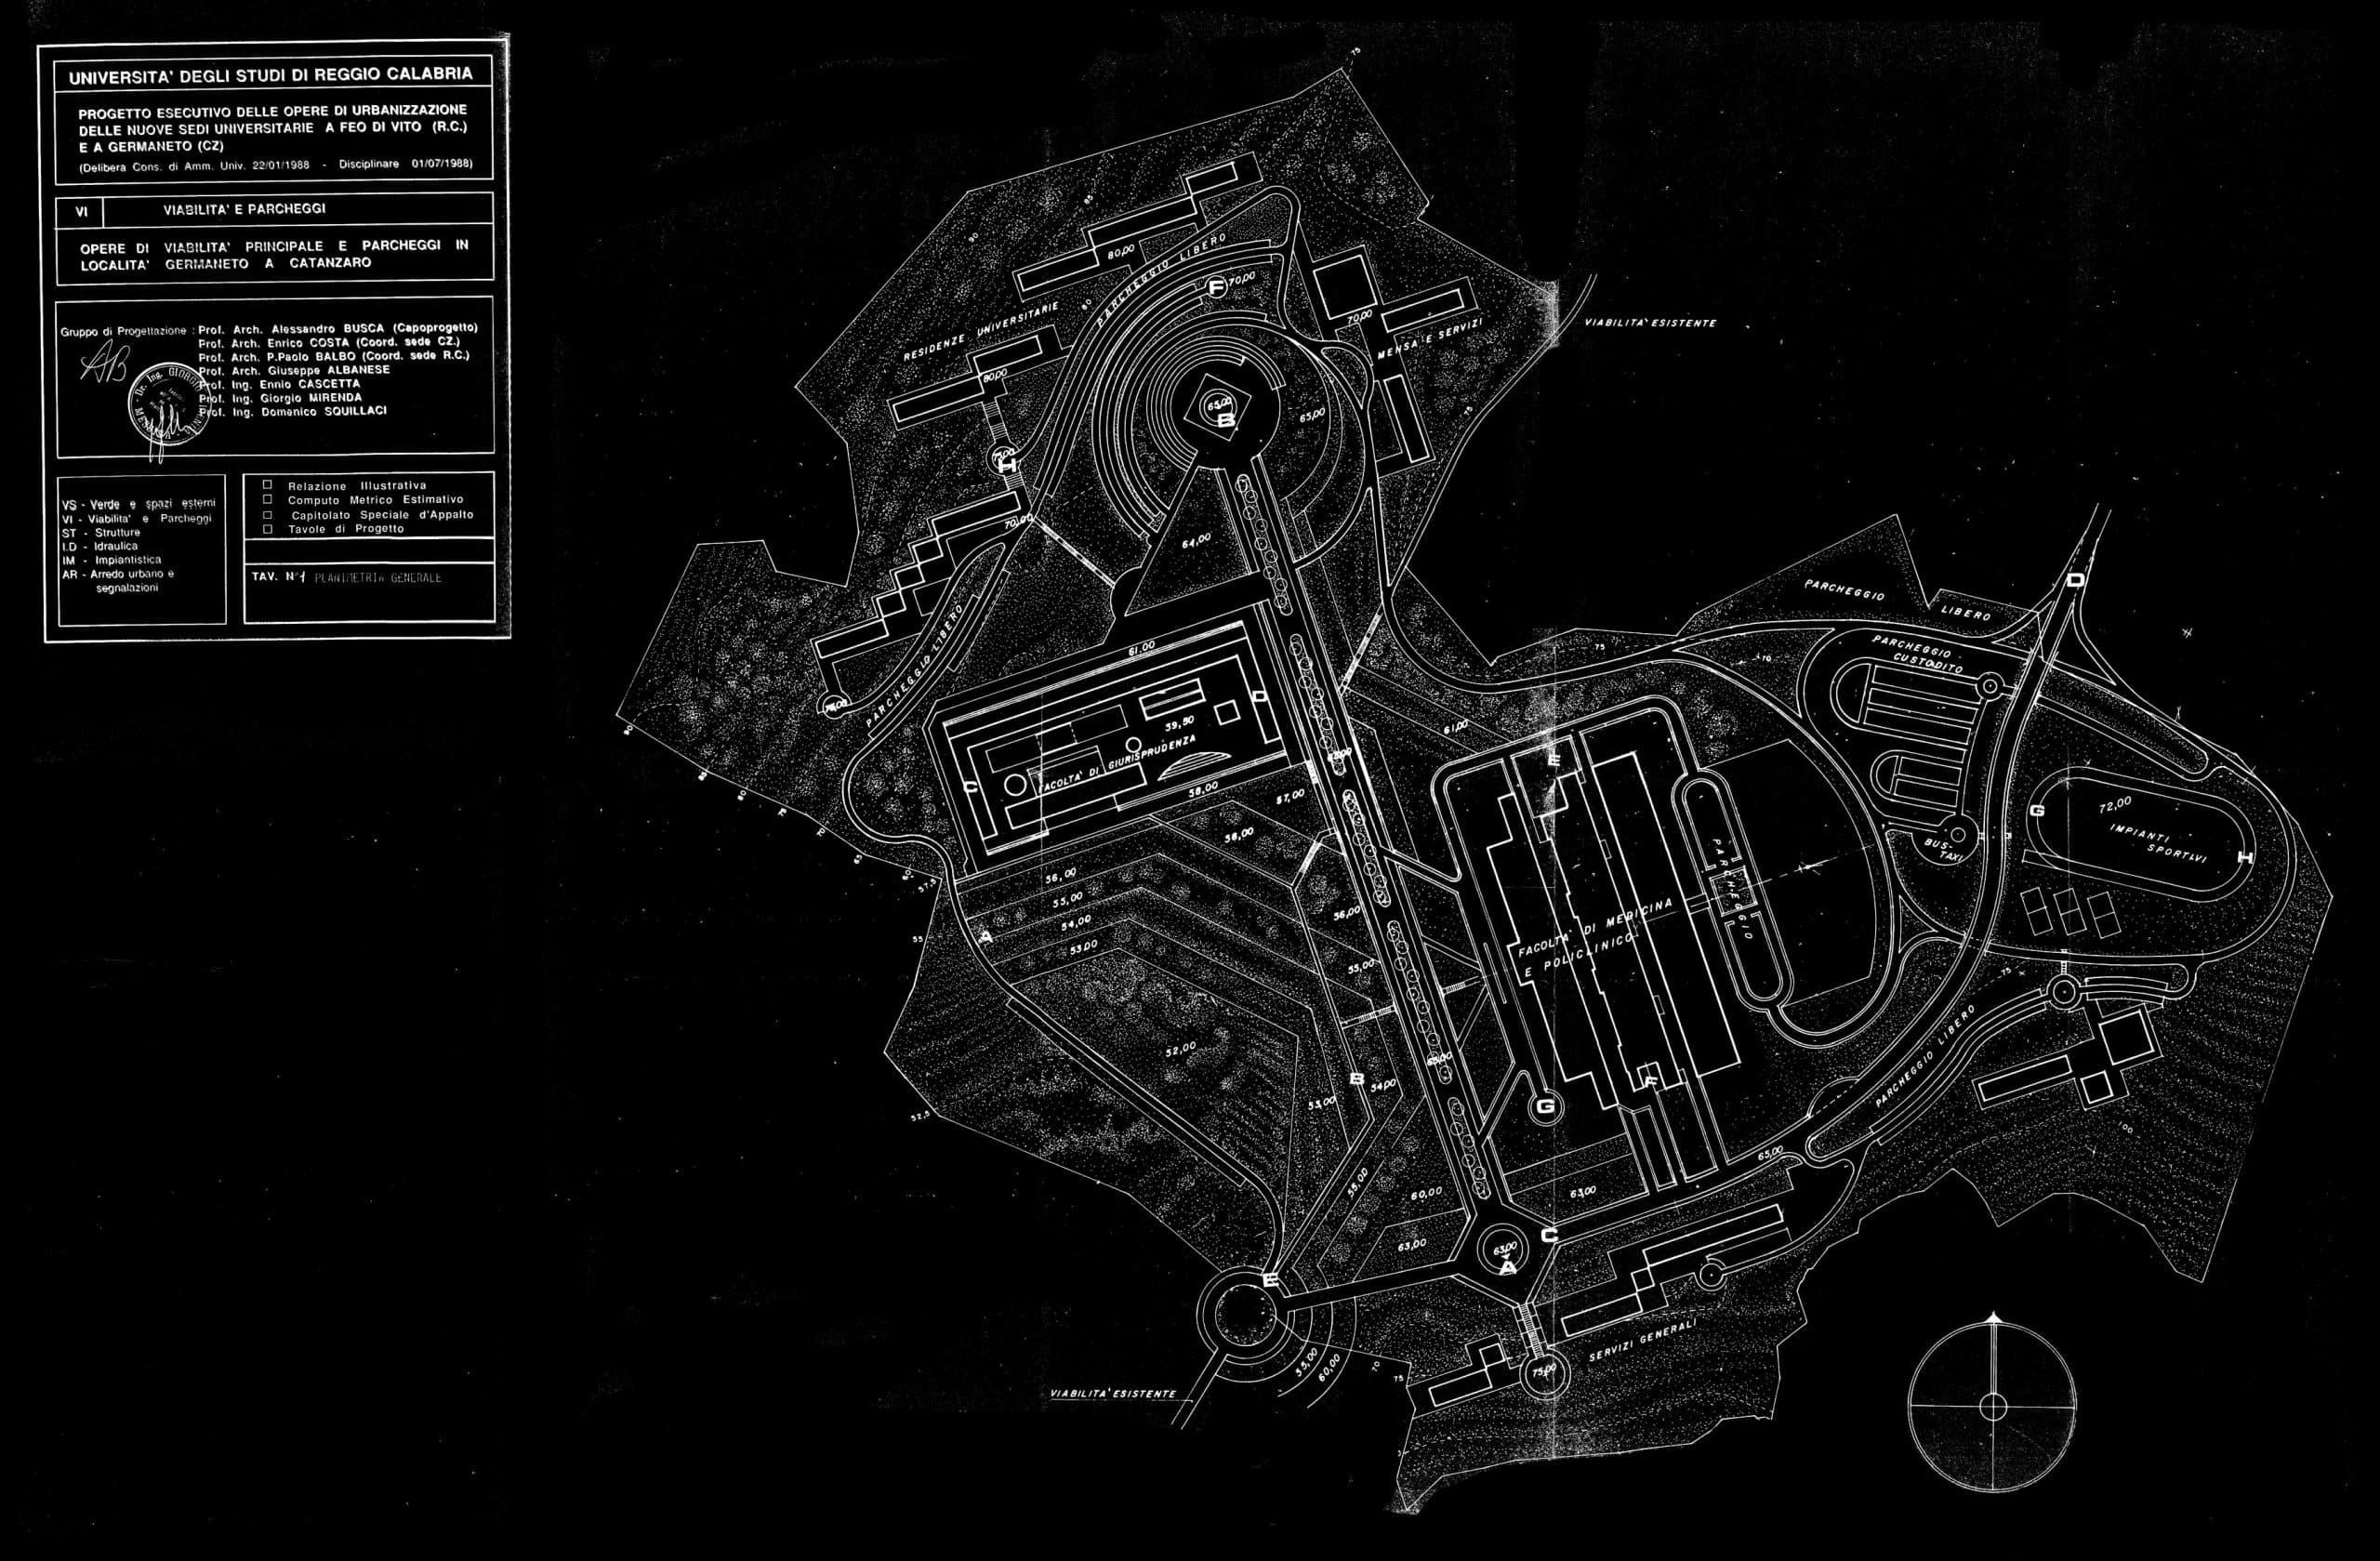 8 - Progetto esecutivo delle opere di urbanizzazione delle nuove sedi universitarie di Feo di Vito (RC) e di Germaneto (CZ); capogruppo, con G. Albanese, P. P. Balbo, E. Cascetta, E. Costa, G. Mirenda e D. Squillaci - Planimetria generale